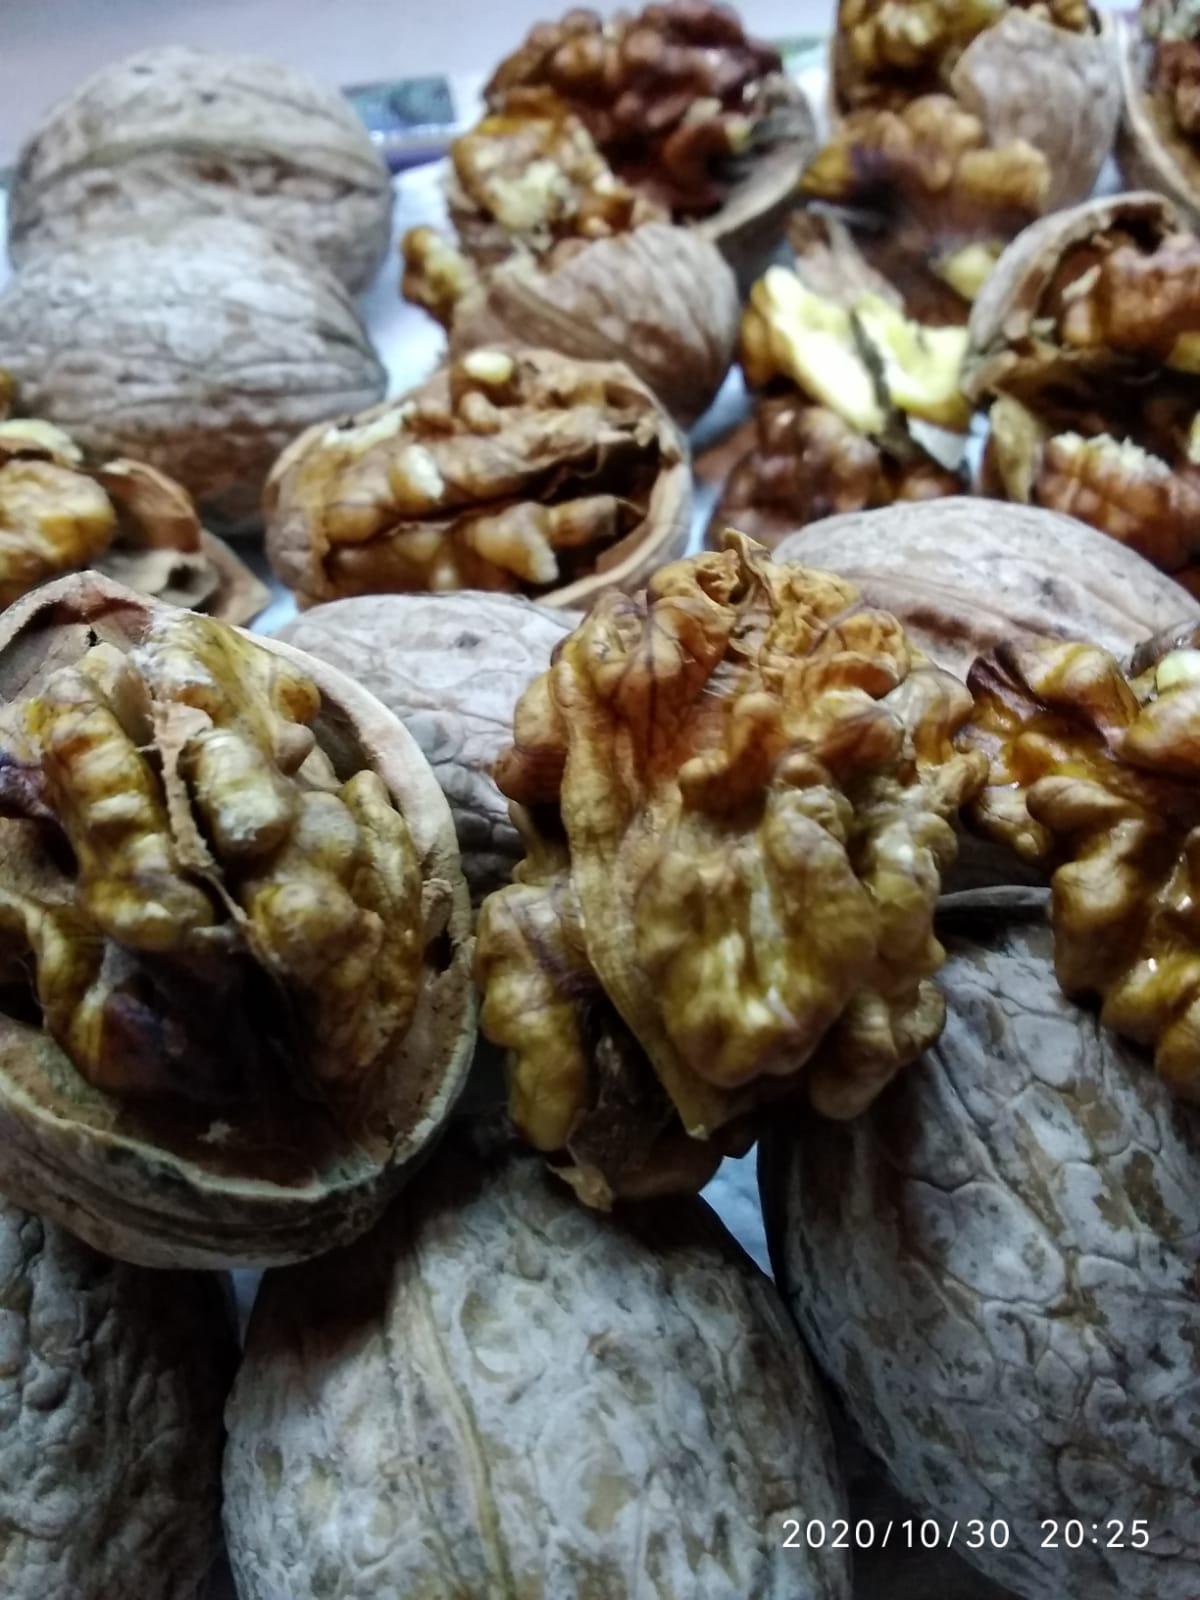 Ceviz - Üretici Hasan Doğan 25 tl fiyat ile 200 kilogram yalova-1 çeşidi ceviz satmak istiyor